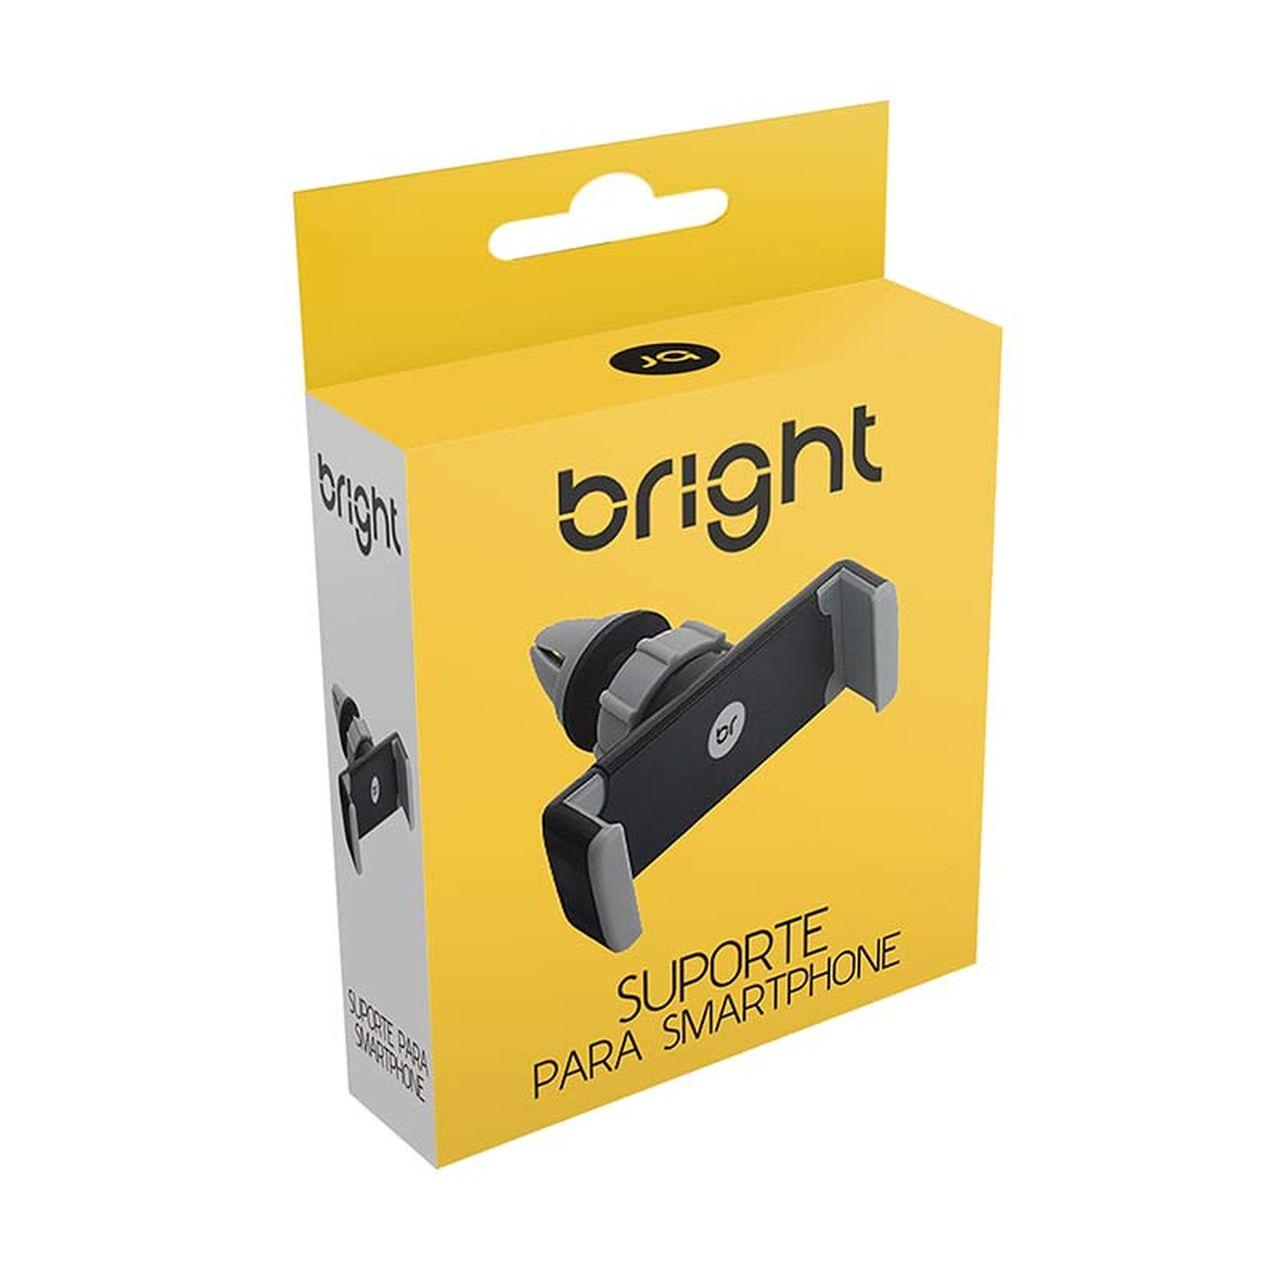 Suporte para Celular Veicular Universal Ar Condicionado 430 Bright  - BRIGHT